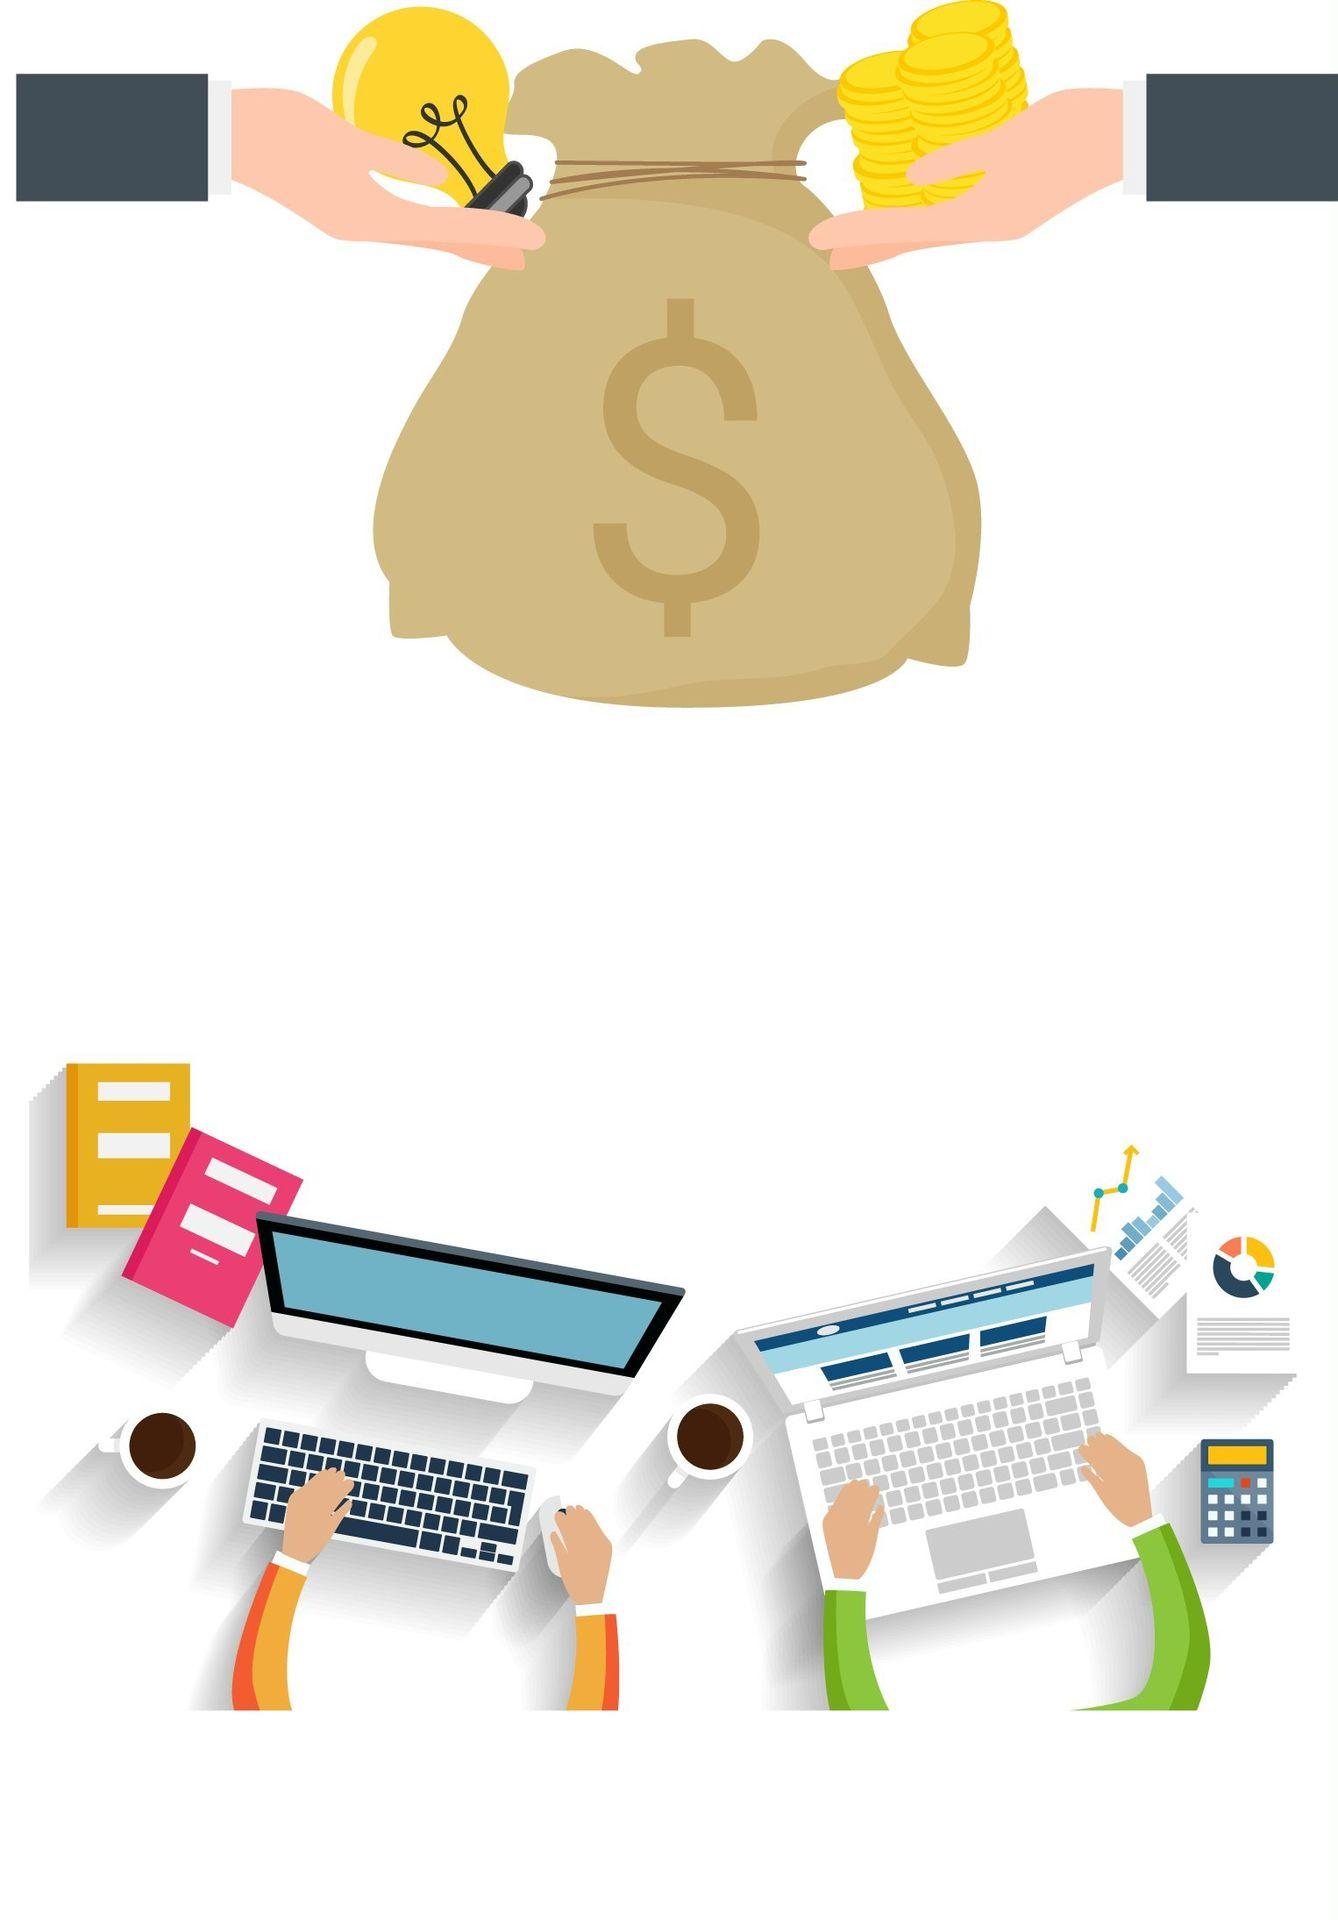 finance-png-transparent-images-5-finance